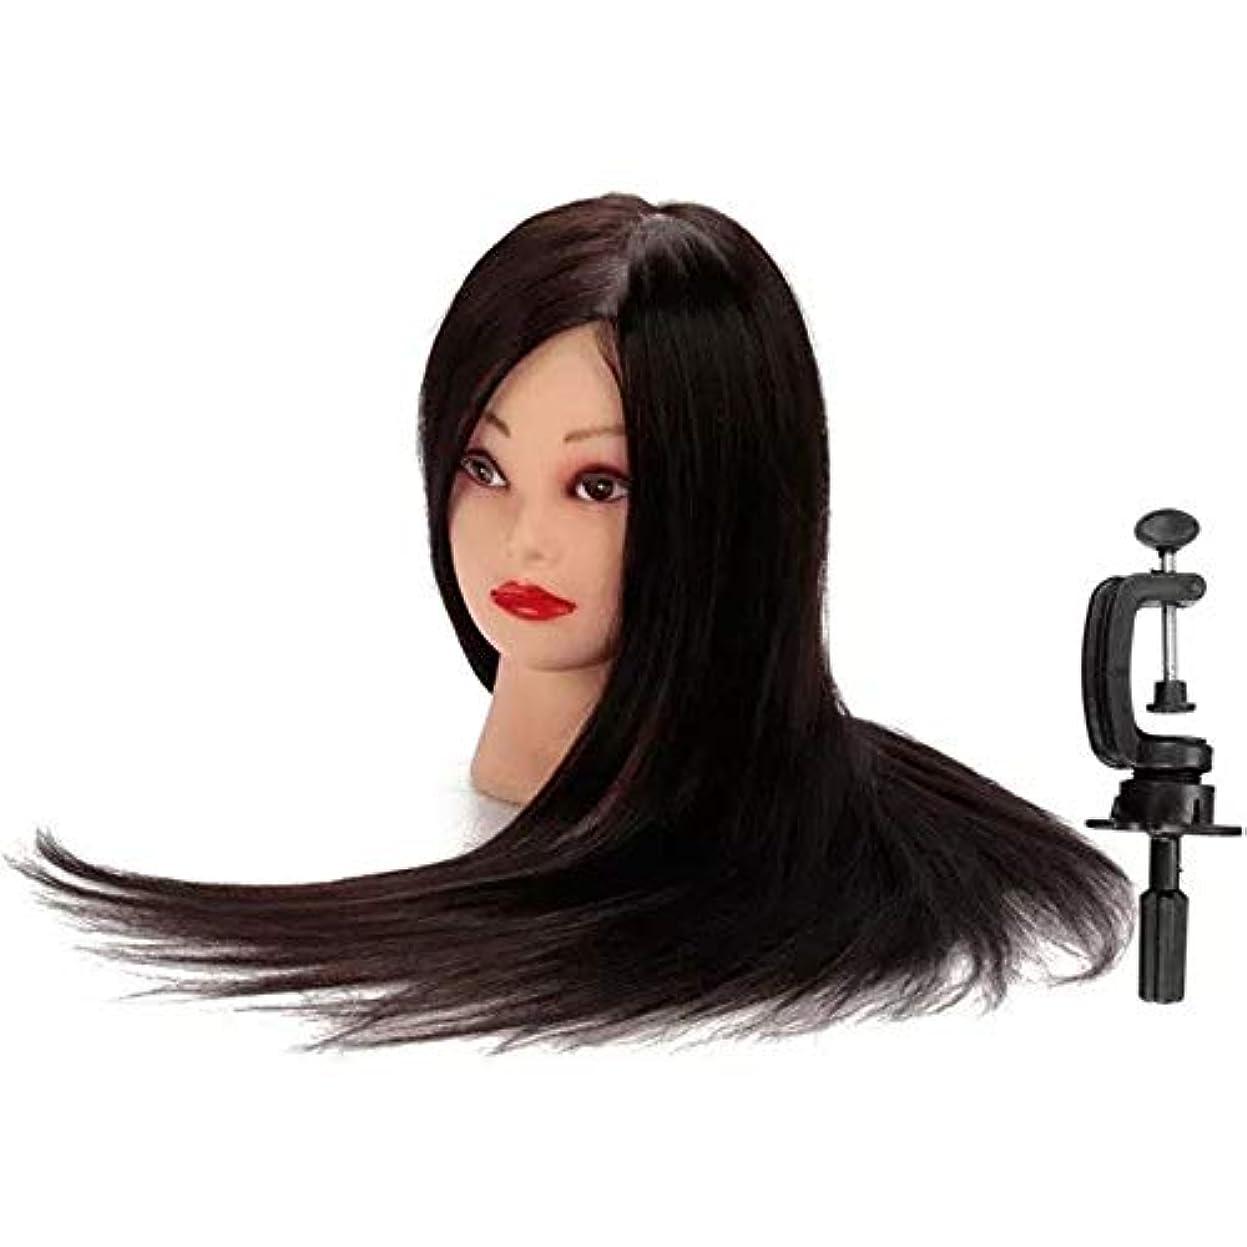 回転する一マウントマネキンヘッド 練習マネキンモデルをカット50%ブラック本物の人間の髪の毛のトレーニング頭理髪 練習用 グマネキンヘッド (色 : ブラック, サイズ : 25*15*11cm)